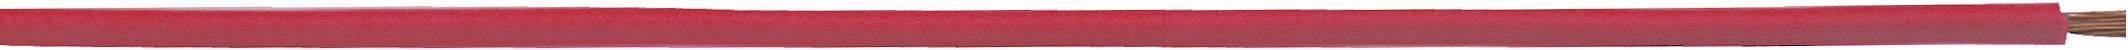 Opletenie / lanko LappKabel 4510121S H05V-K, 1 x 0.50 mm², vonkajší Ø 2.50 mm, 250 m, zelená